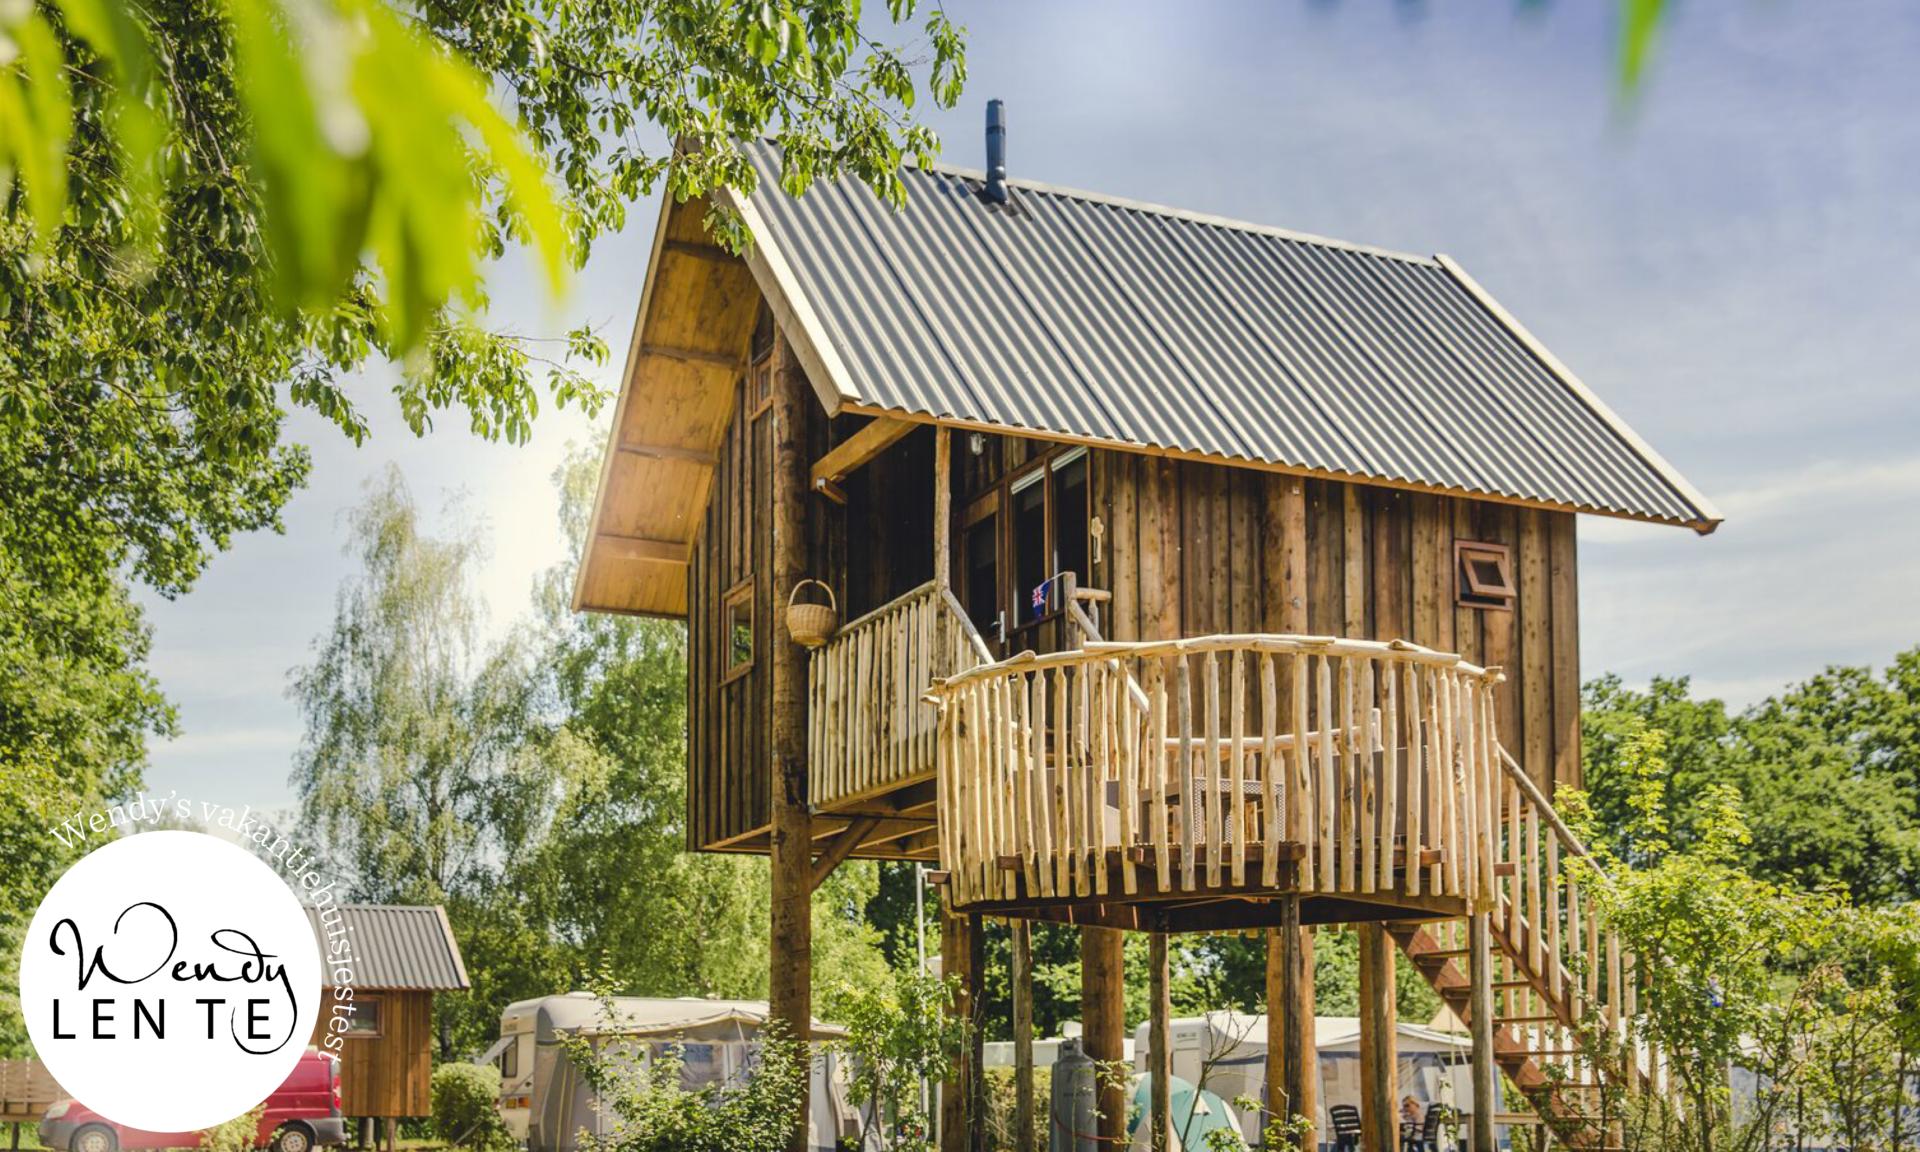 Header voorstel 1 1 Wendy's vakantiehuisjestest: Boomhut op vakantiepark Mölke